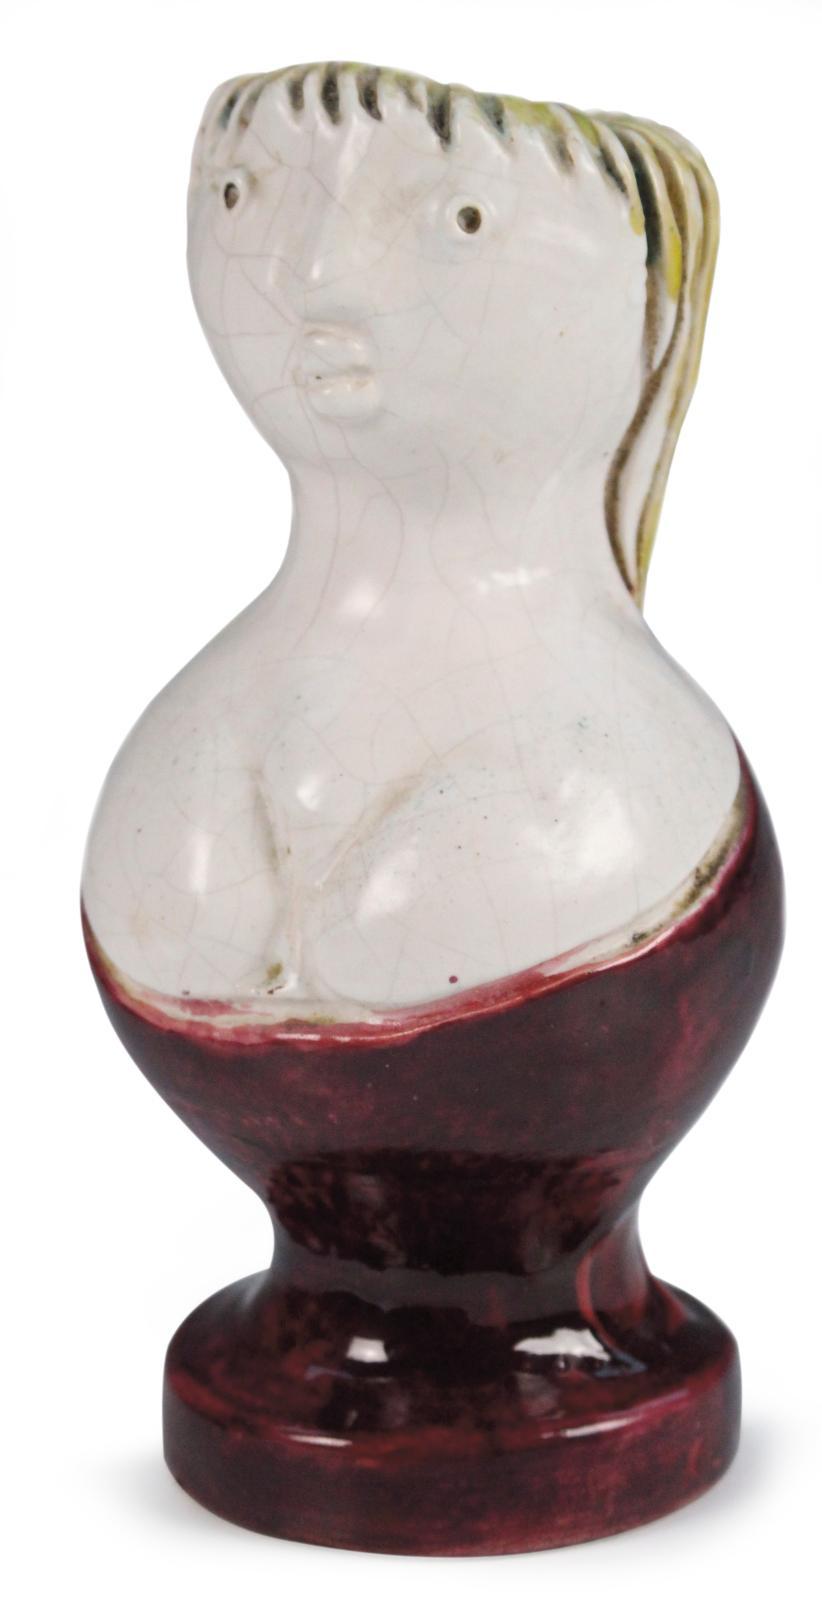 Georges Jouve, Femme à nichons, vers 1948, vase en céramique incisée et émaillée polychrome bordeaux, blanc craquelé et jaune, monogramme